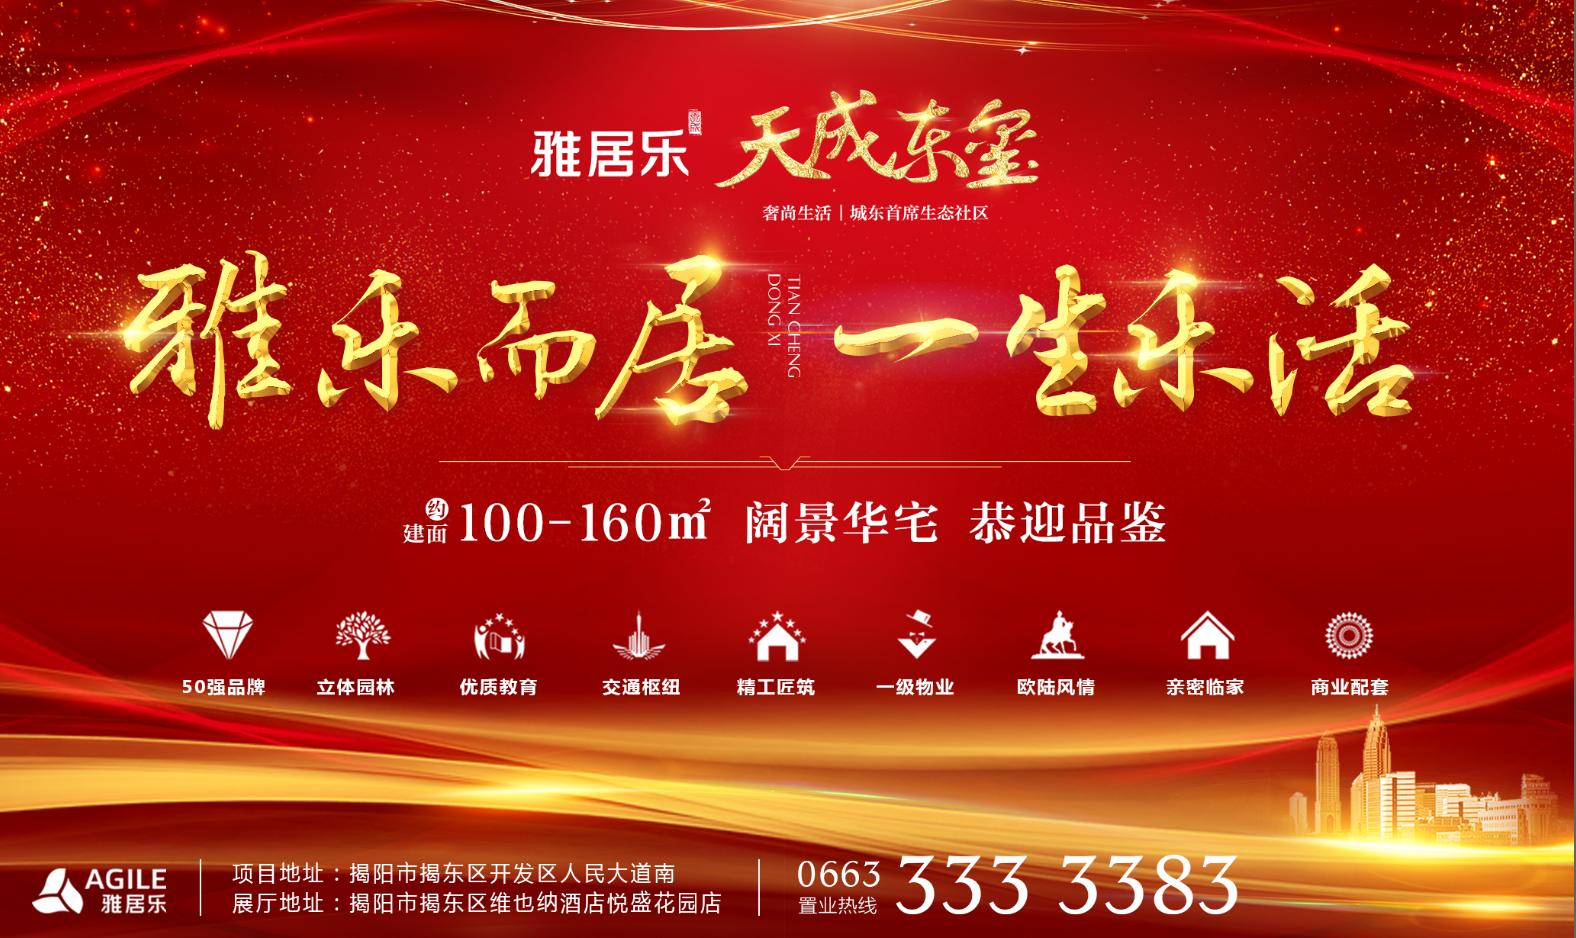 【东山站】雅居乐·天成东玺惠民万家系列乡镇巡演圆满落幕